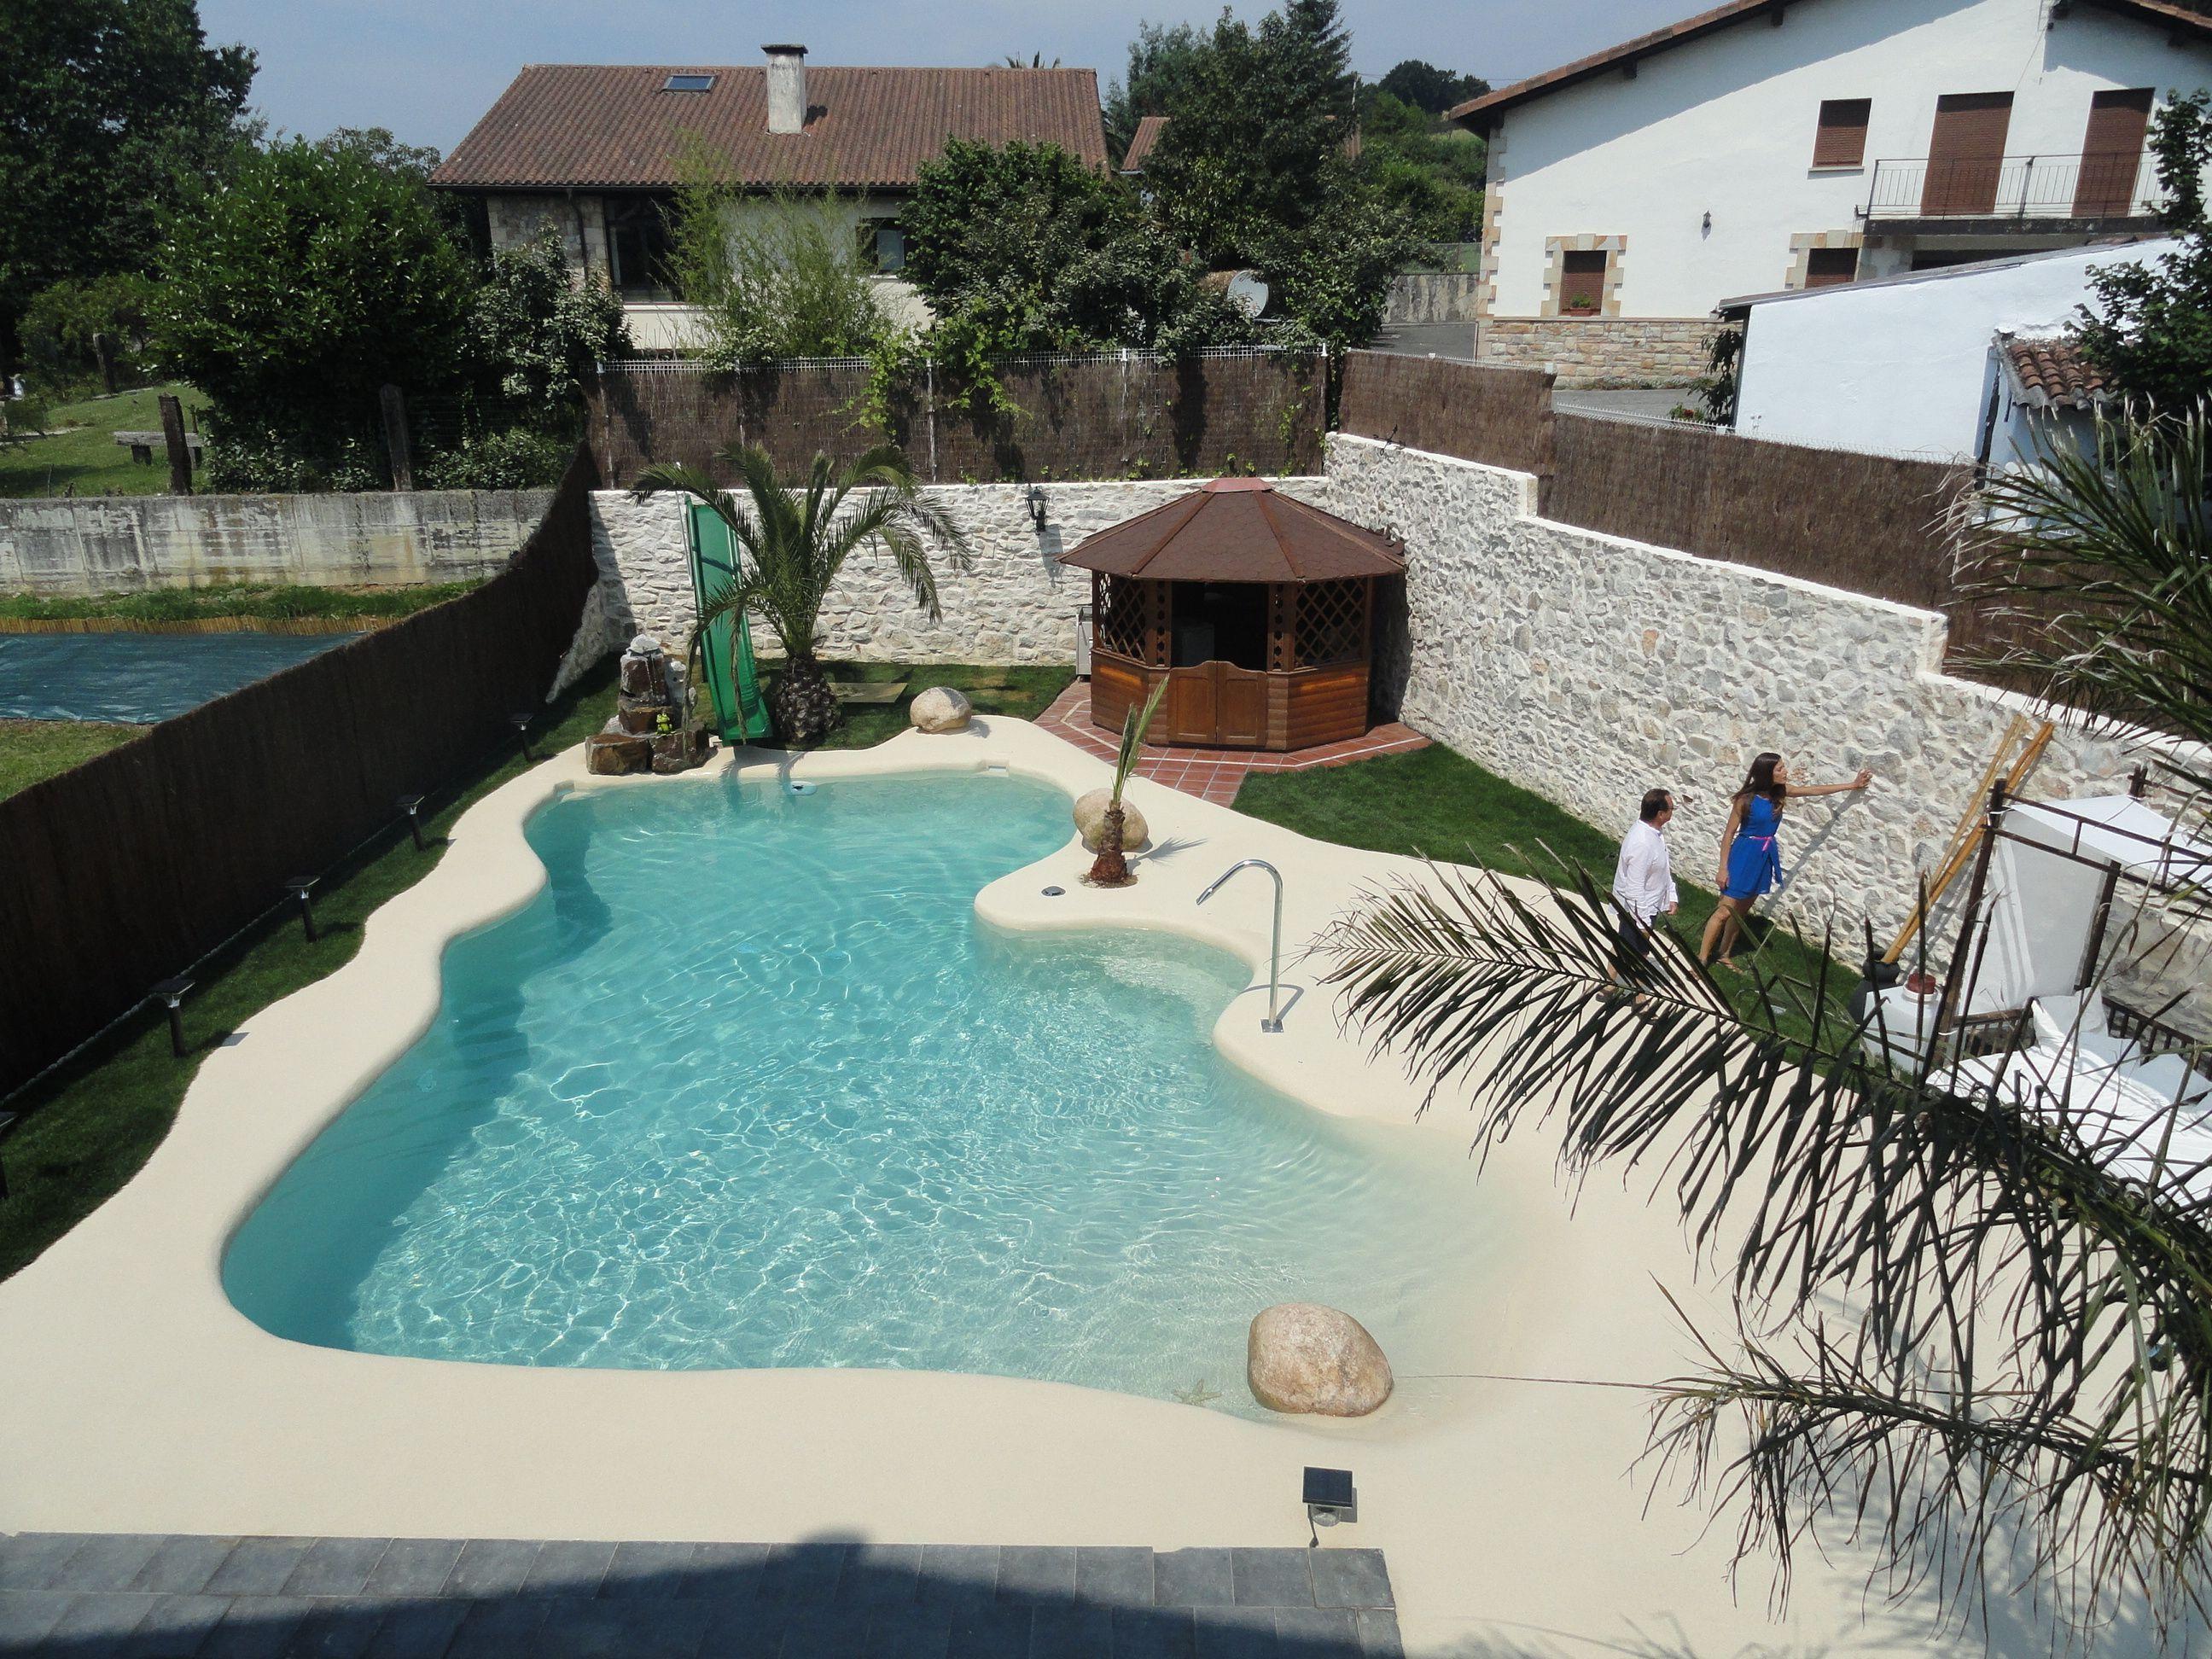 Esta piscina mide unos 10x4m y está situada en una vivienda de Frúniz Ha sido realizada con arena natural compactada gracias a nuestro sistema exclusivo y p...